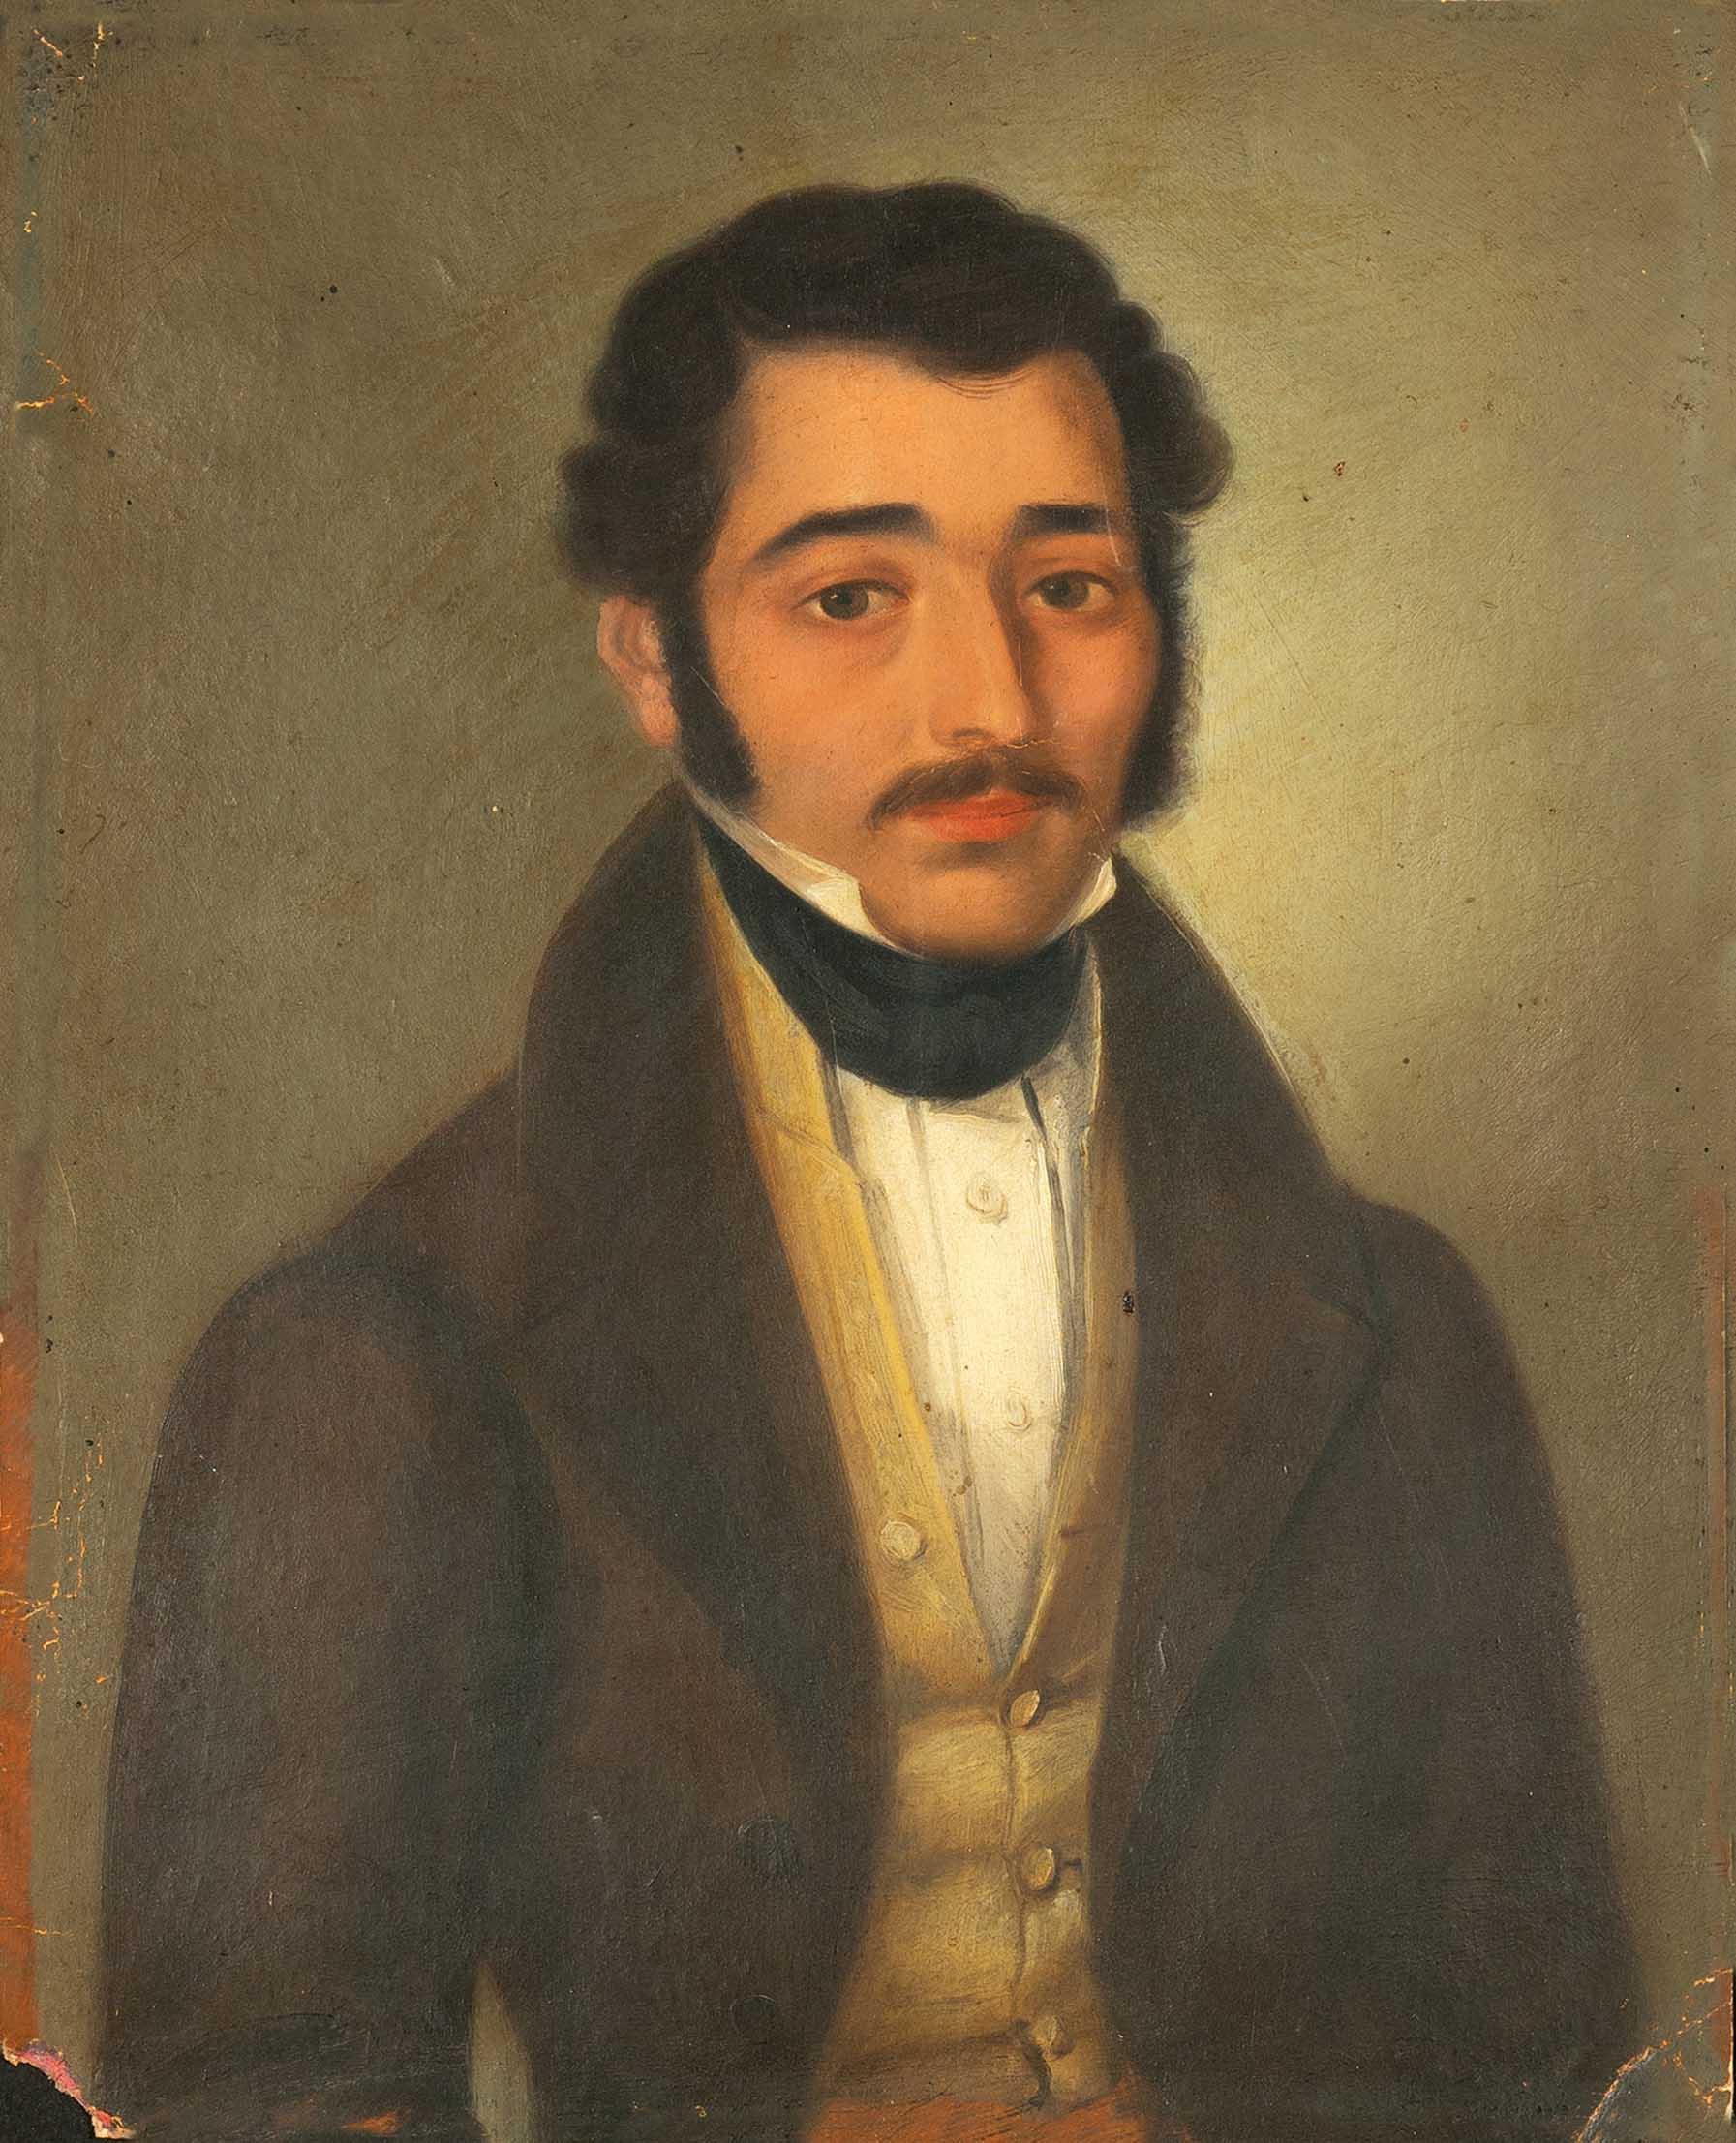 Πορτραίτο του Αλεξ. Μαυροκορδάτου (α΄ τέταρτο 19ου αιώνα)